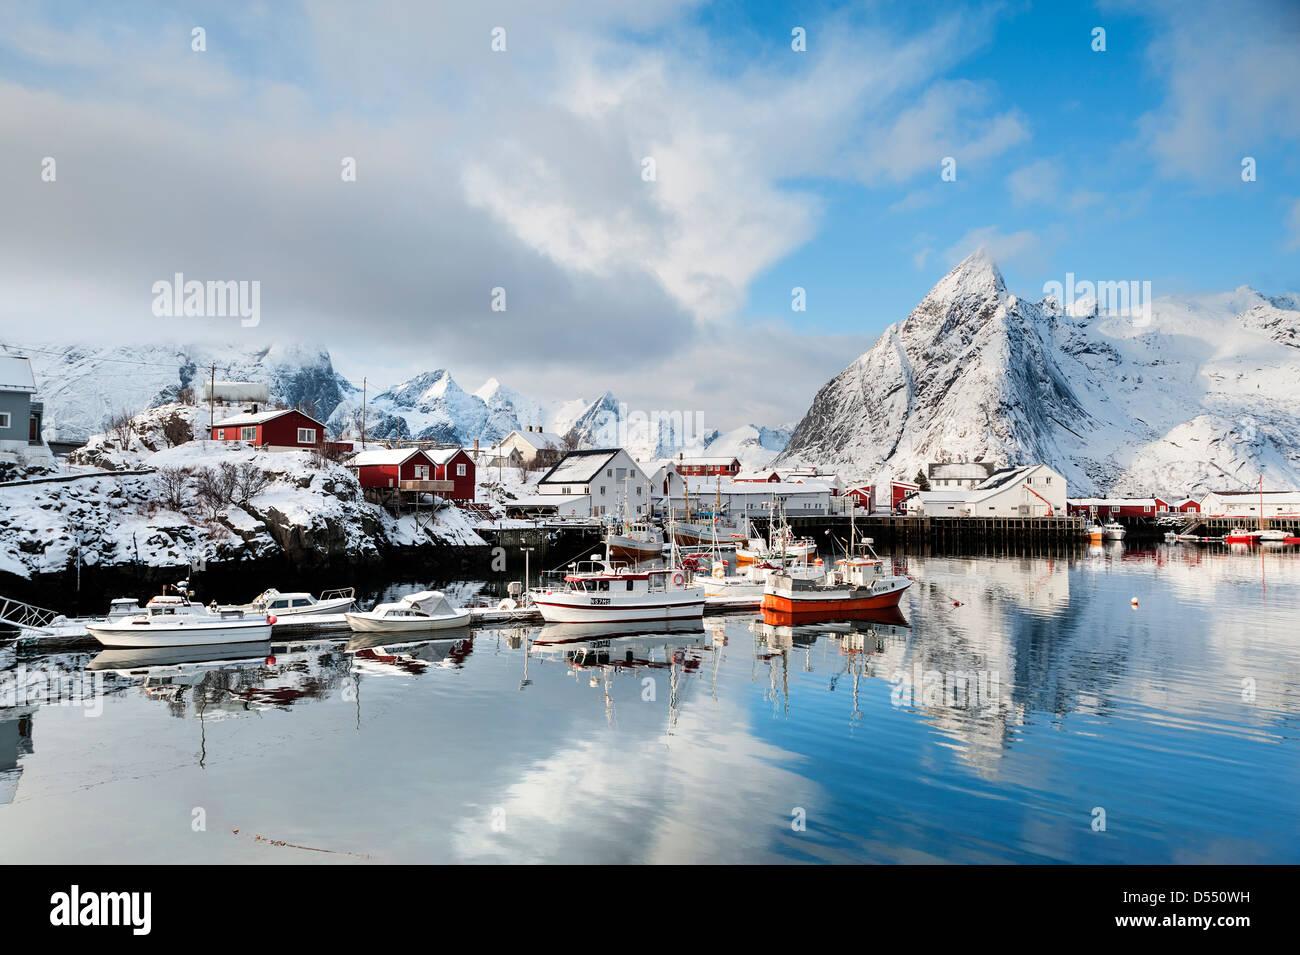 Boote im Hafen von Hamnoy auf den Lofoten, Norwegen Stockbild